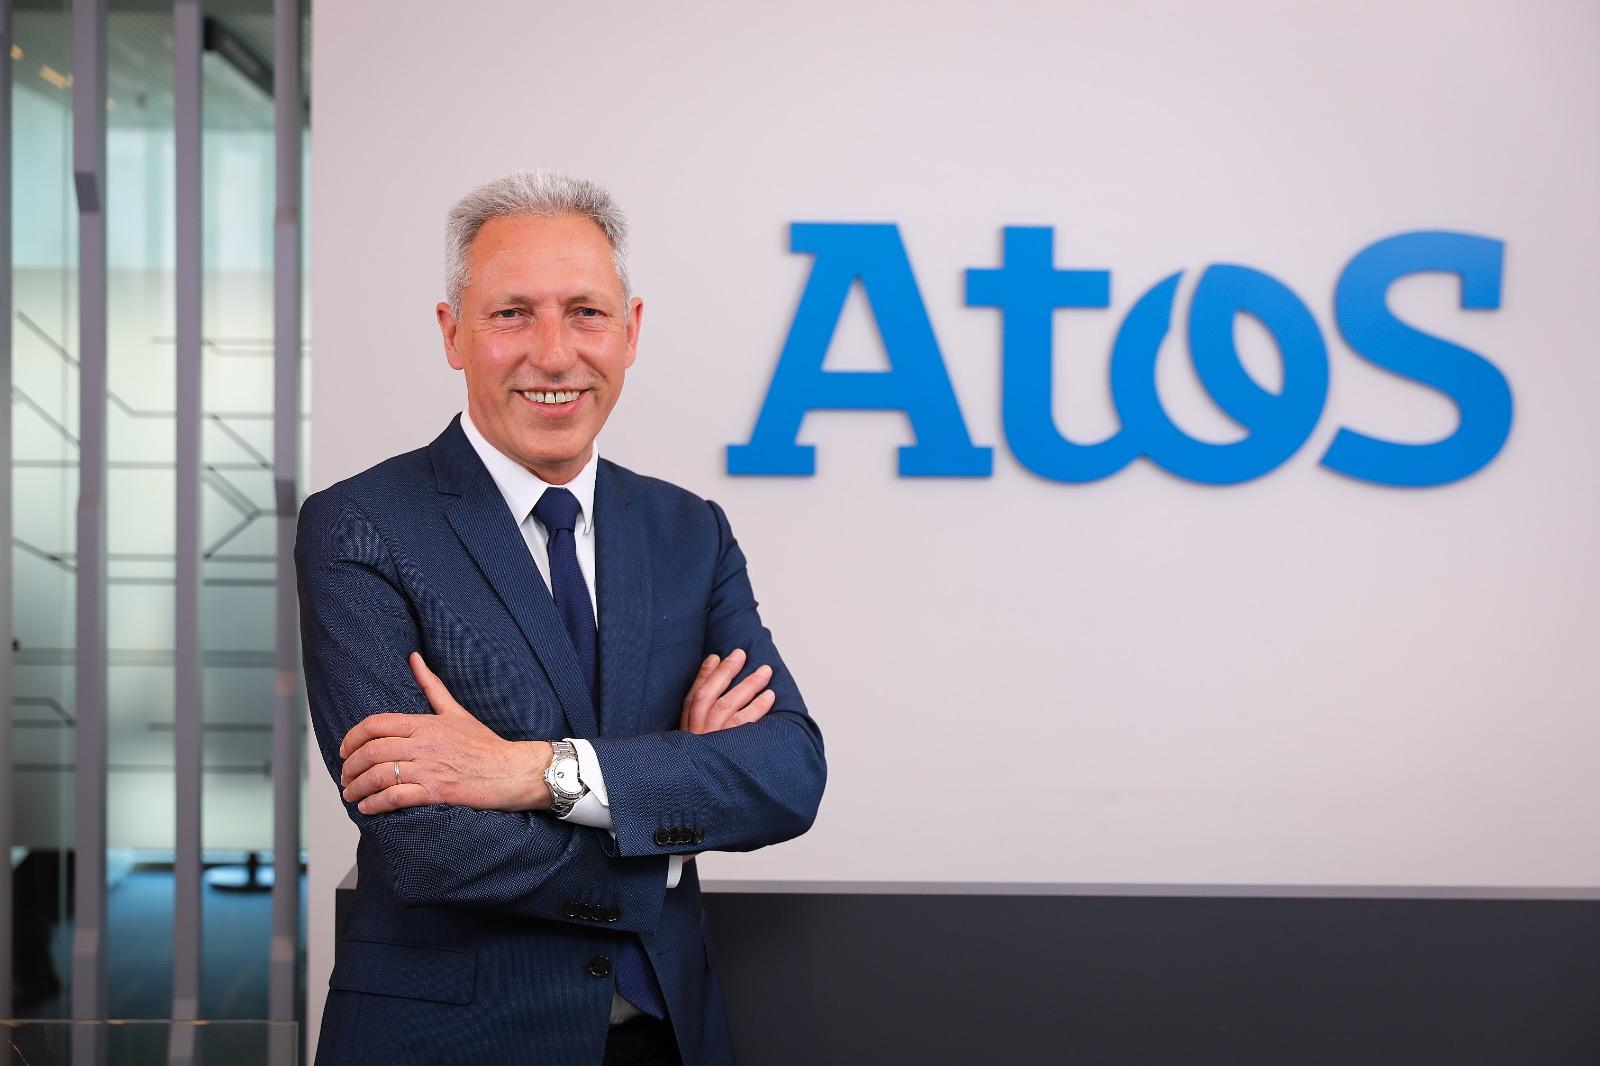 Atos, müşteri odaklı yaklaşımıyladijital dönüşüme rehberlik ediyor